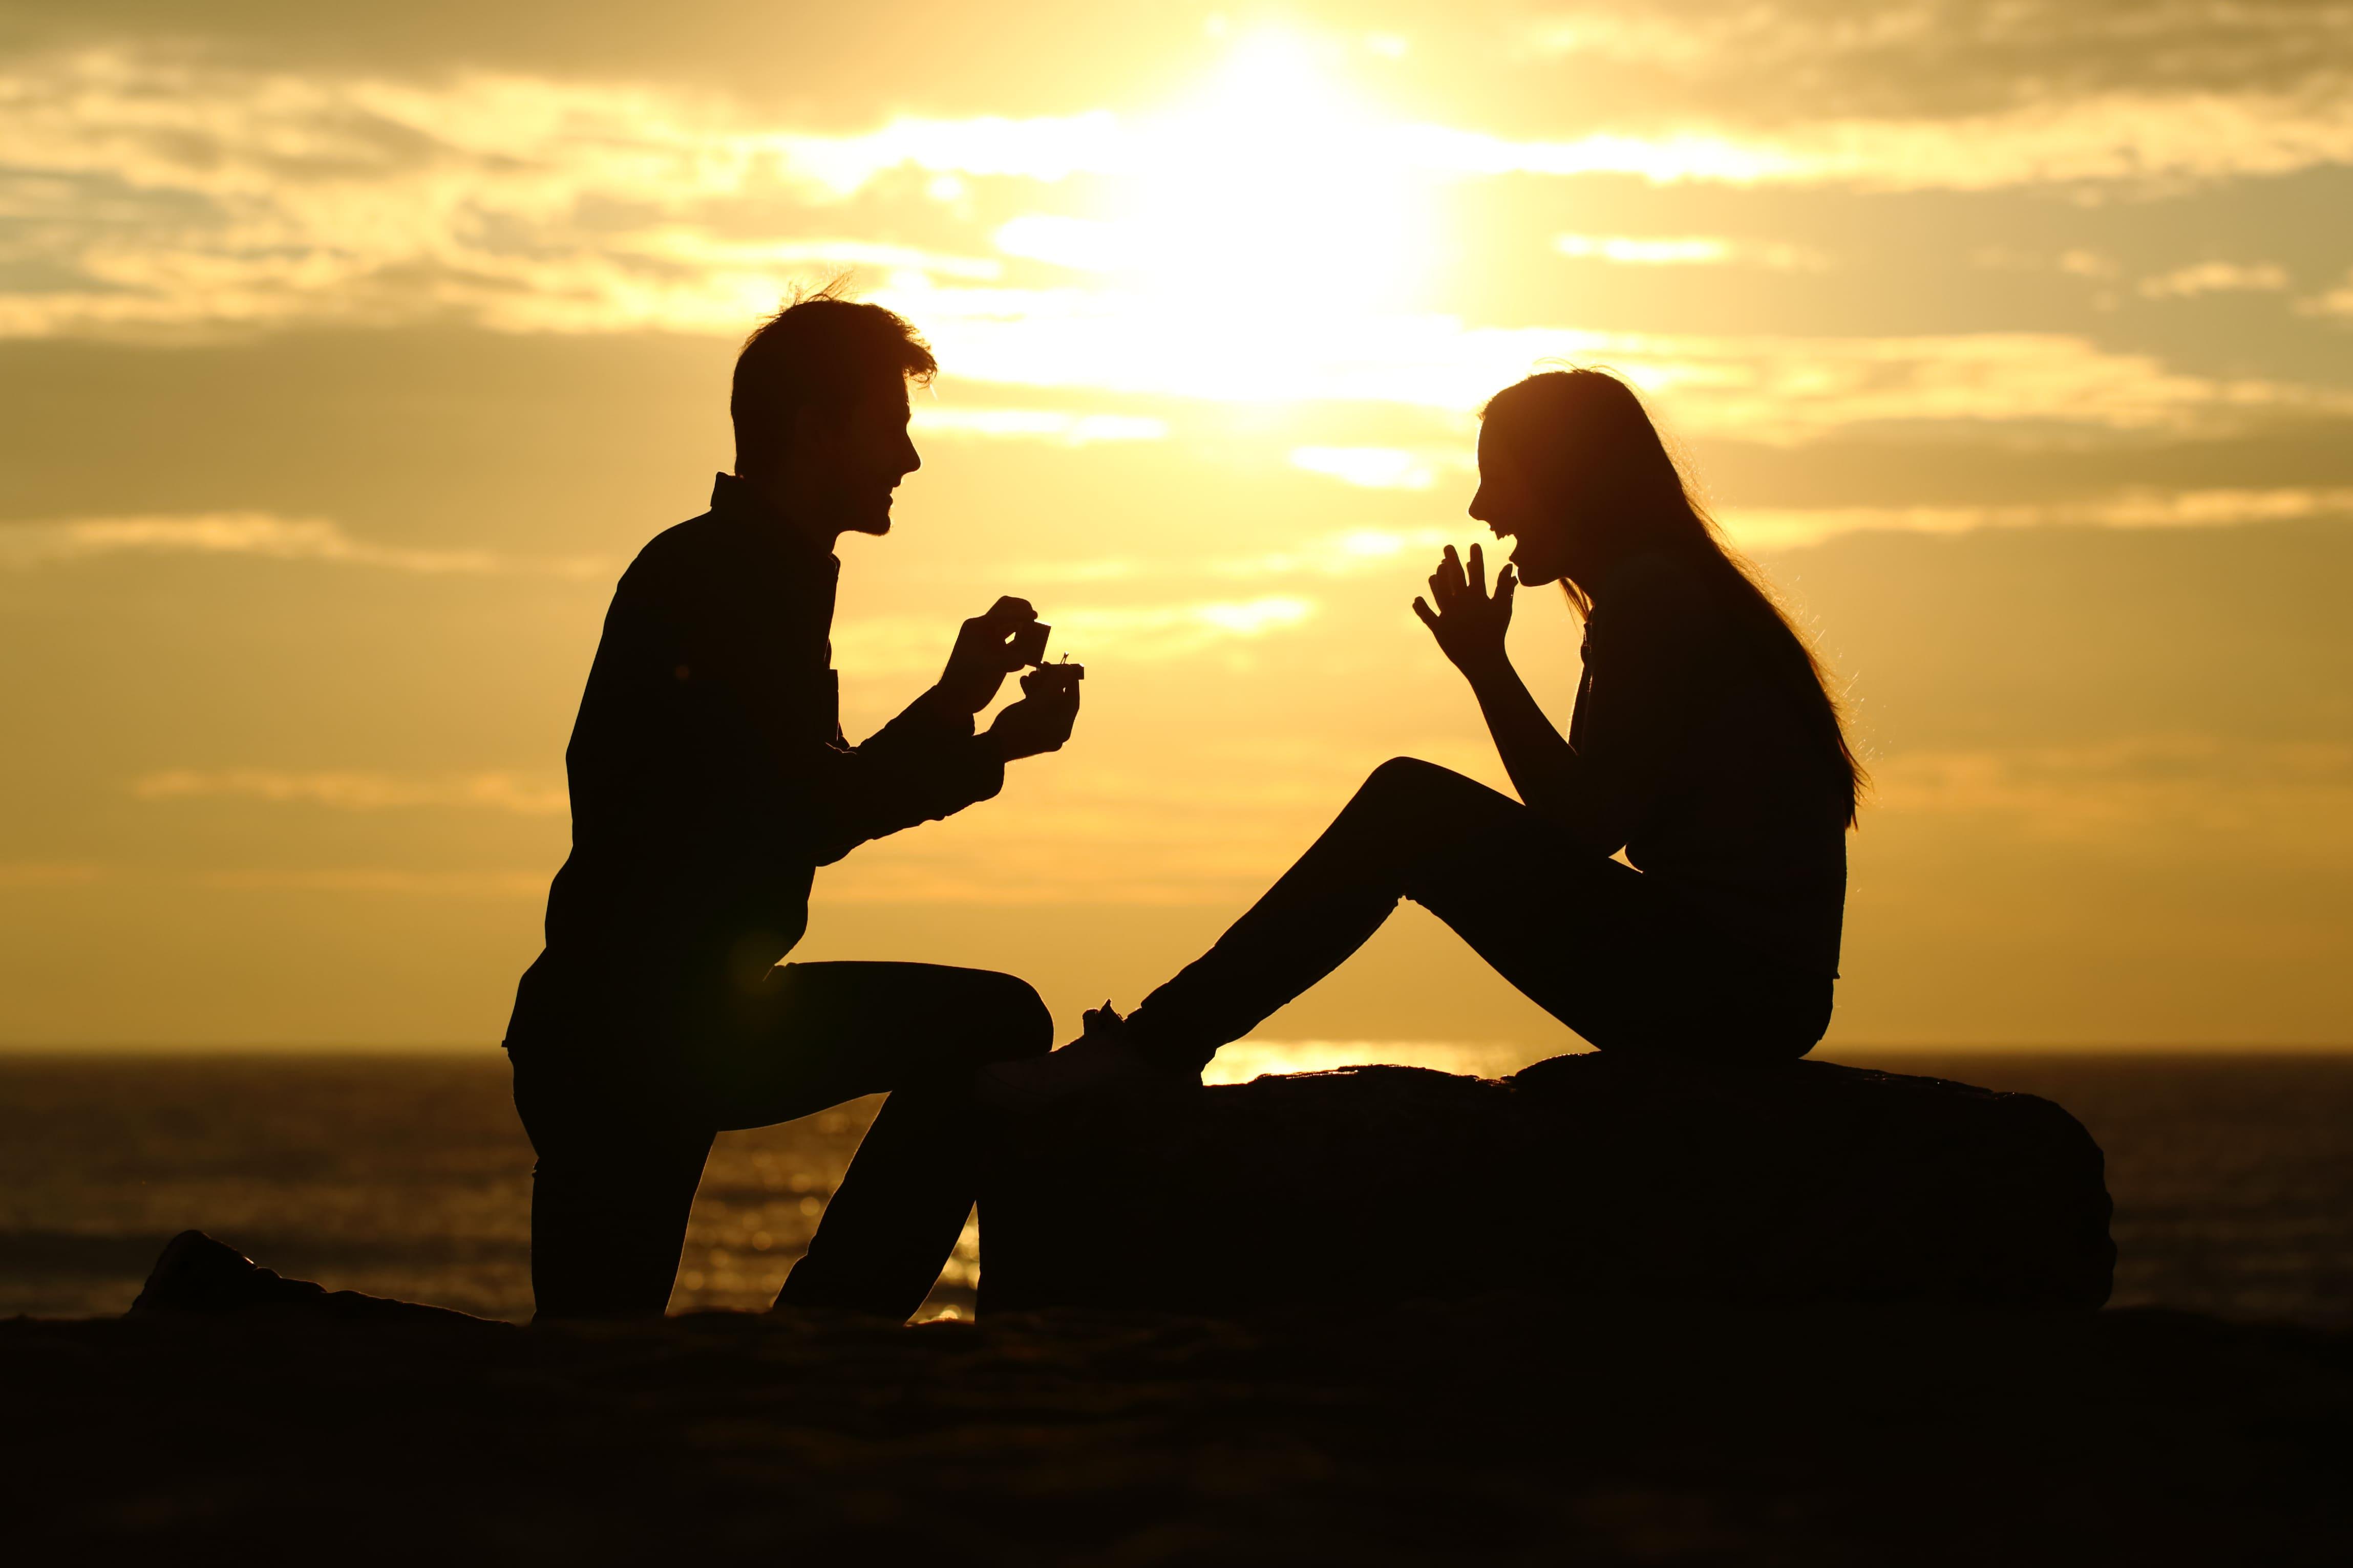 de l'achat au cadeau d'un diamant : un grand moment d'amour